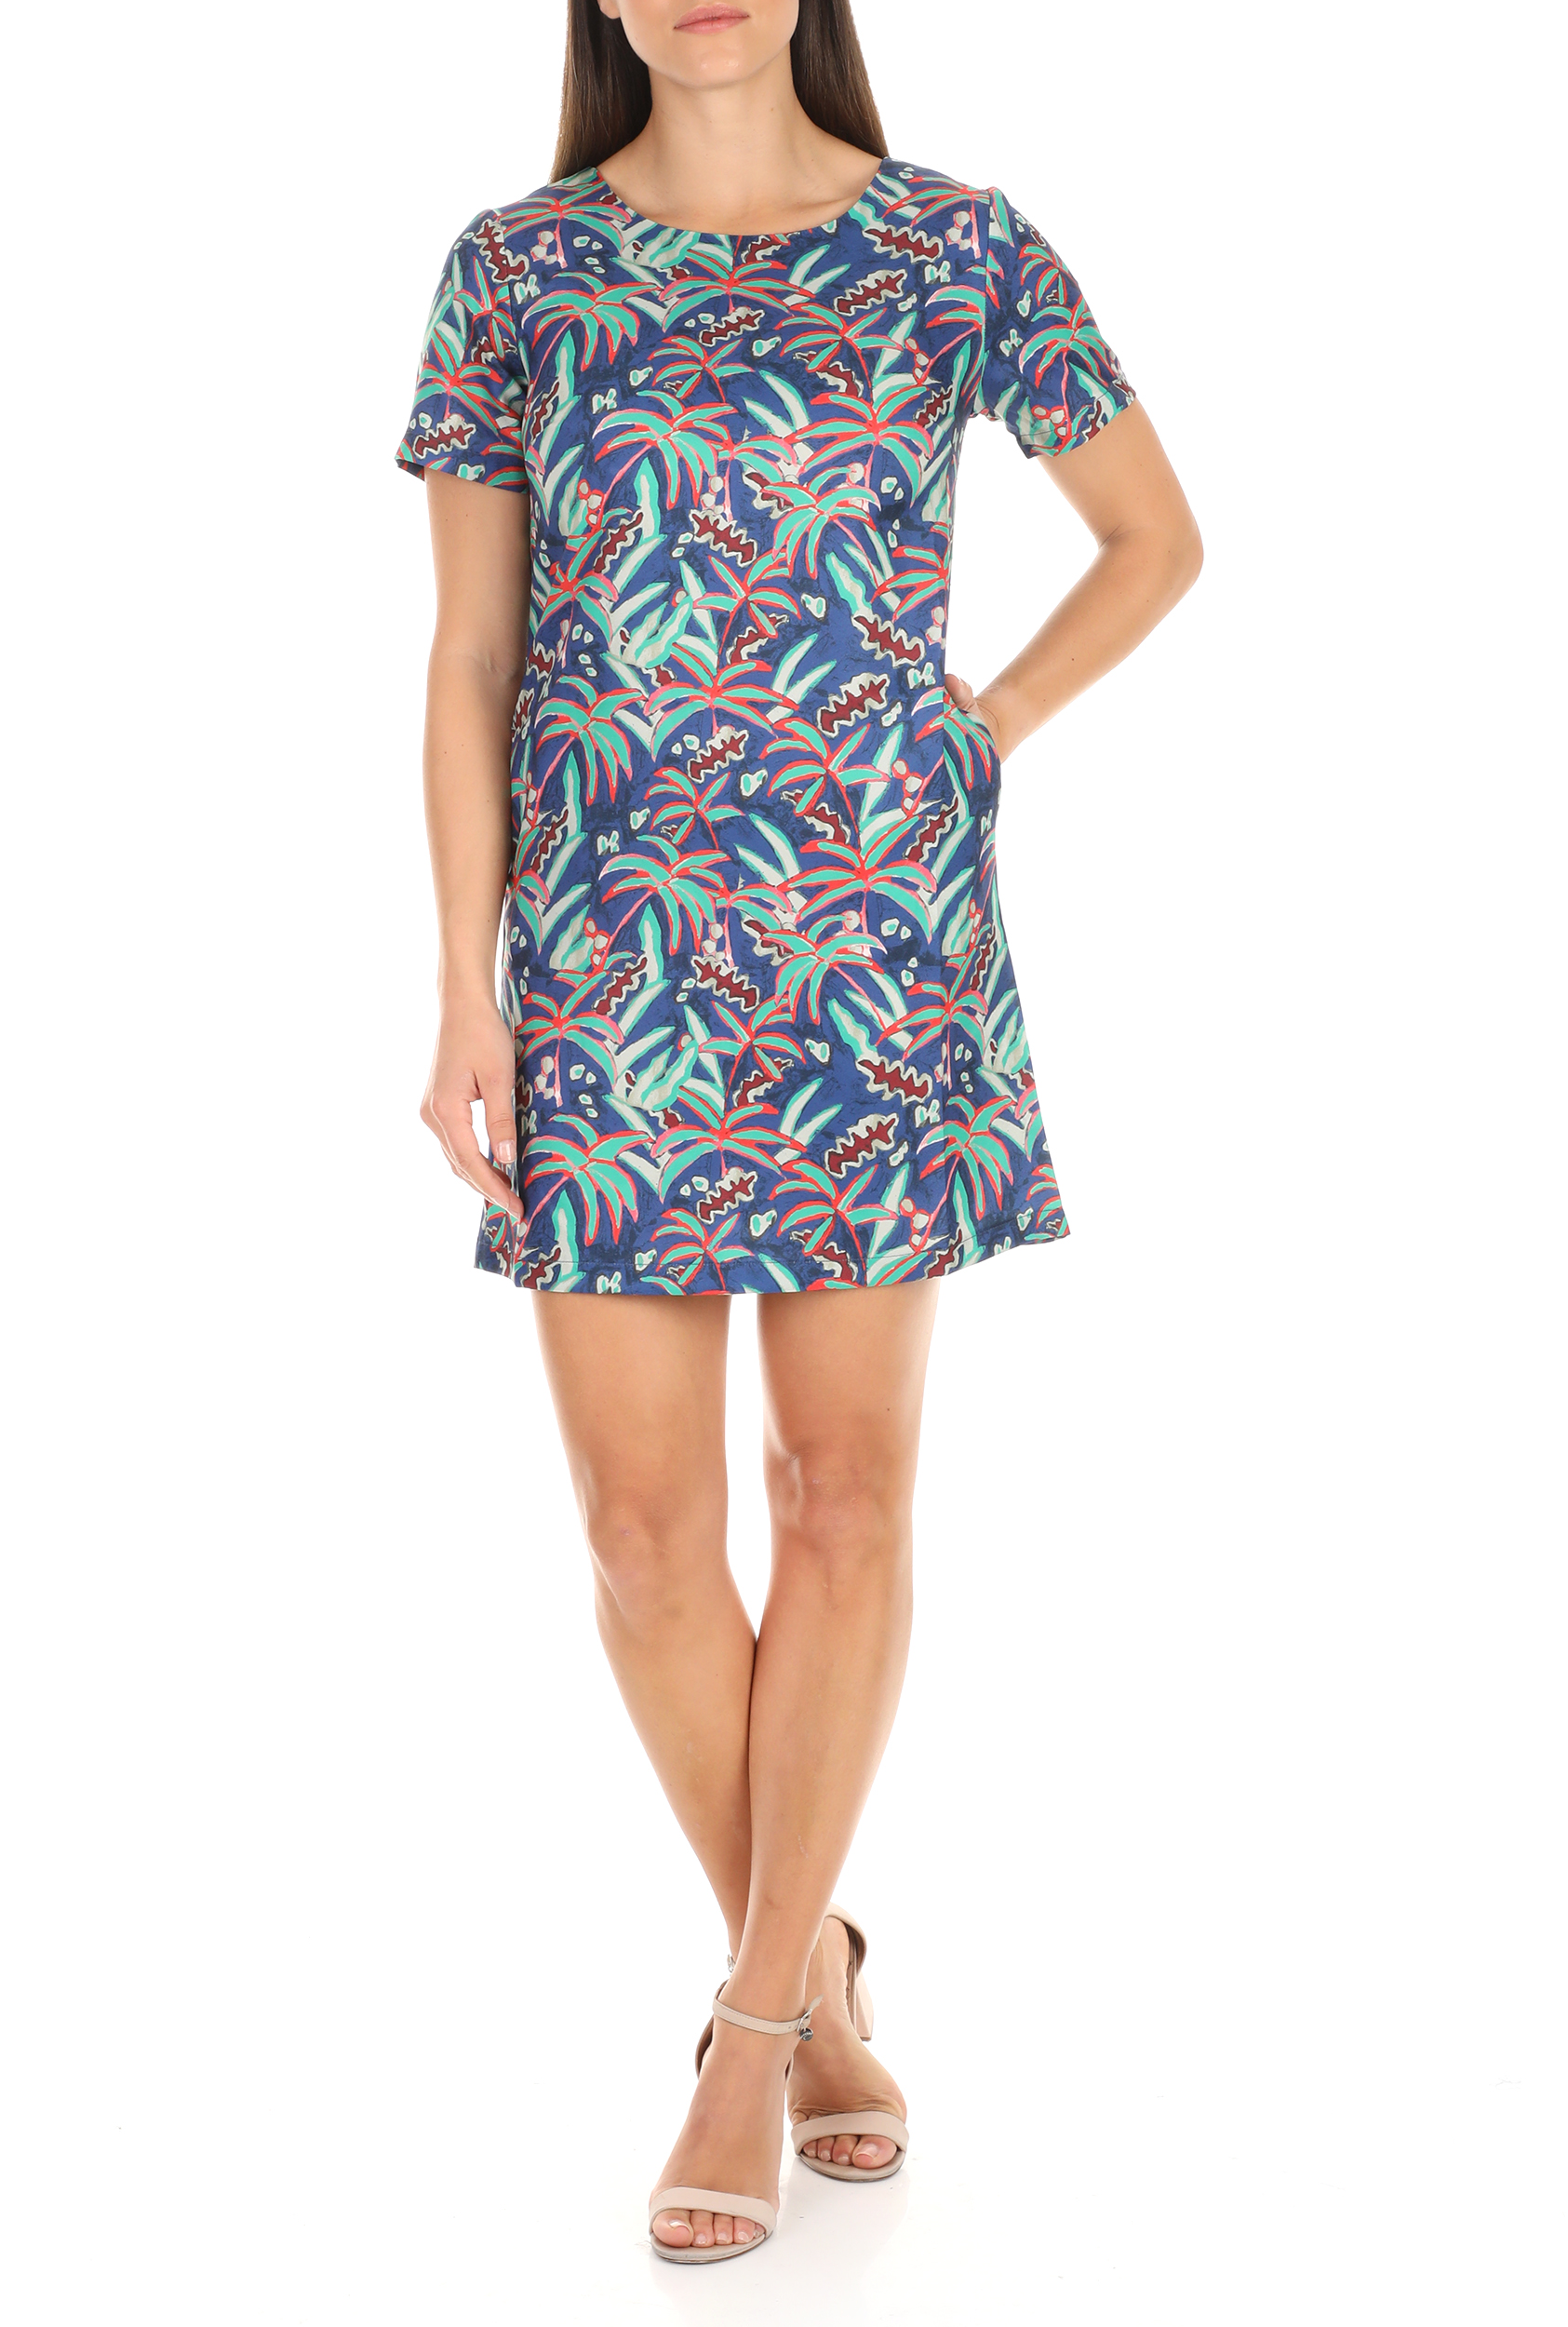 MOLLY BRACKEN - Γυναικείο μίνι φόρεμα MOLLY BRACKEN μπλε γυναικεία ρούχα φόρεματα μίνι